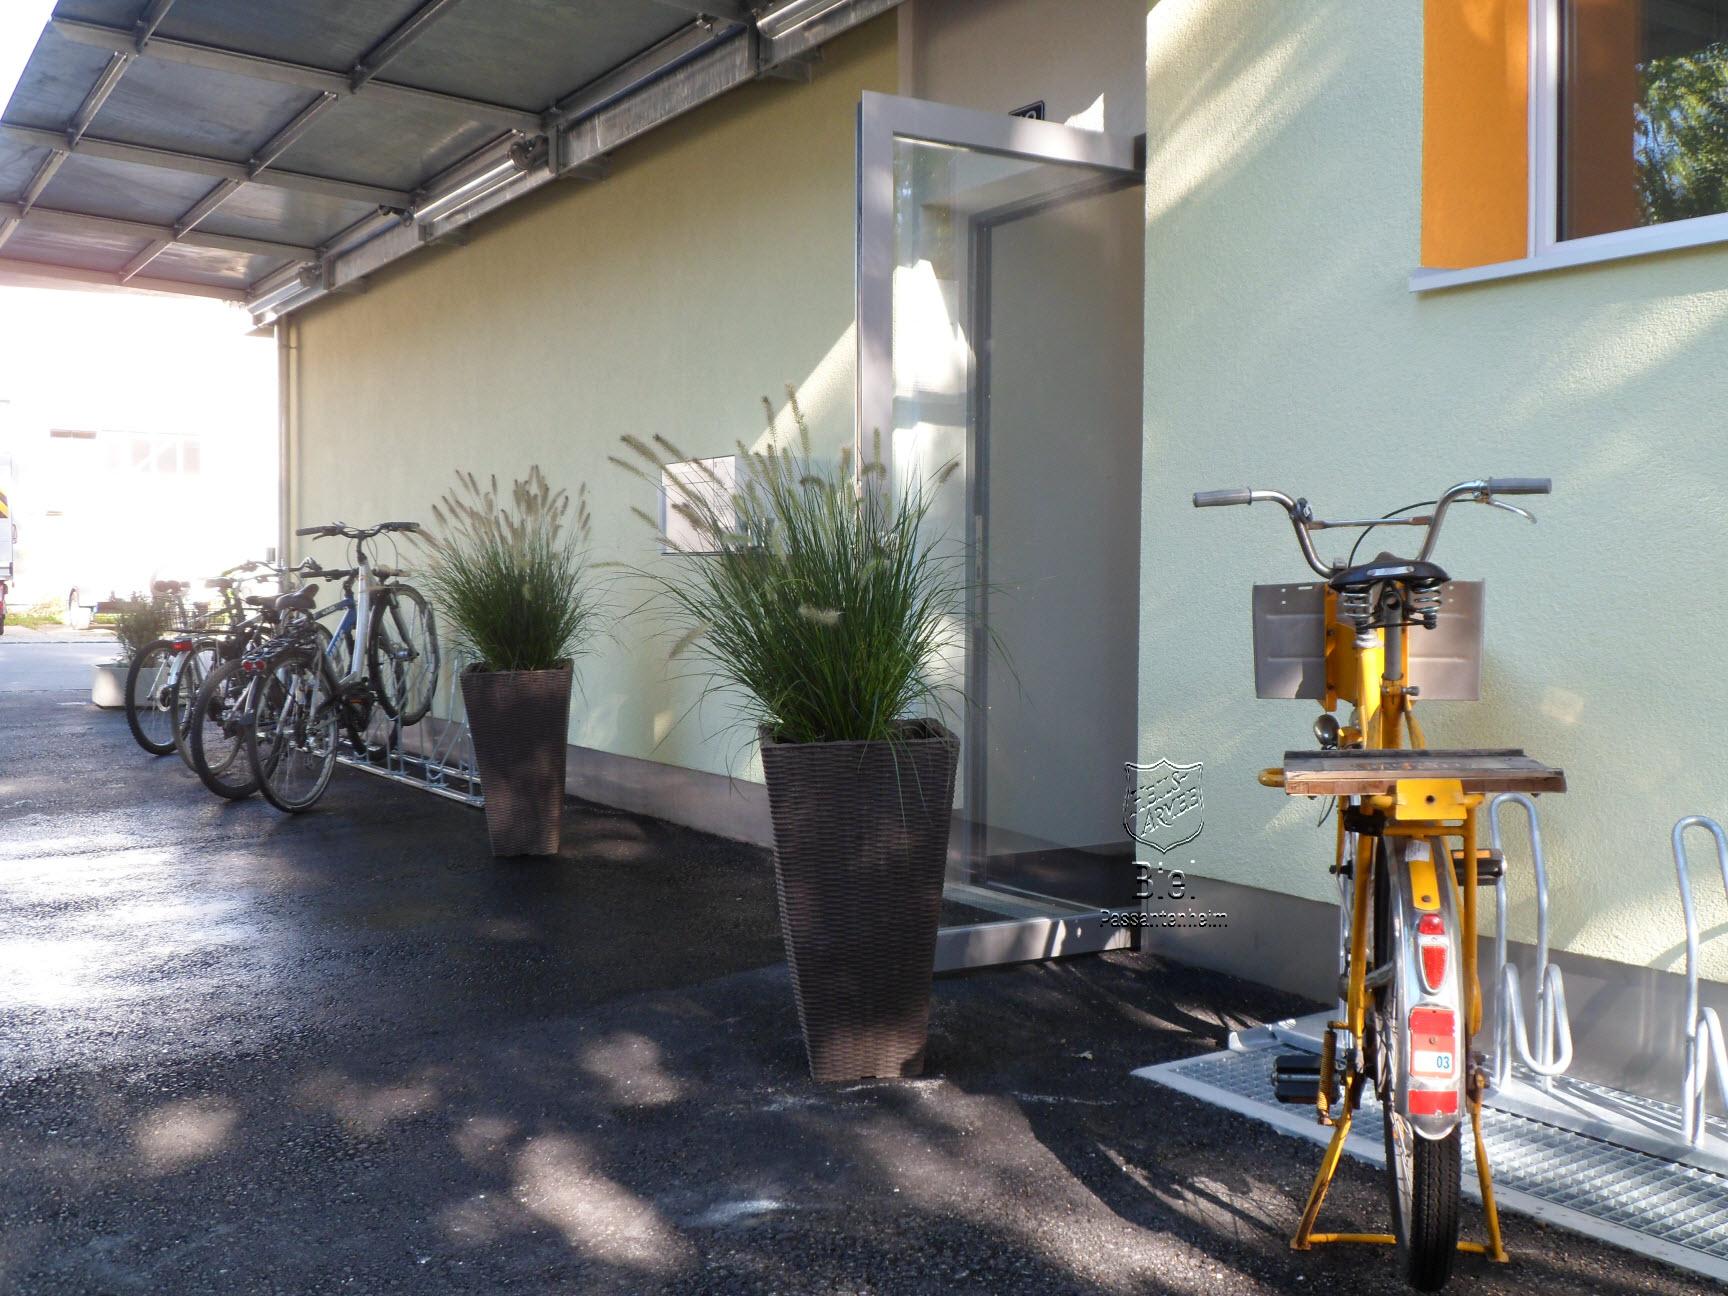 les vélos à l'abri devant l'entrée